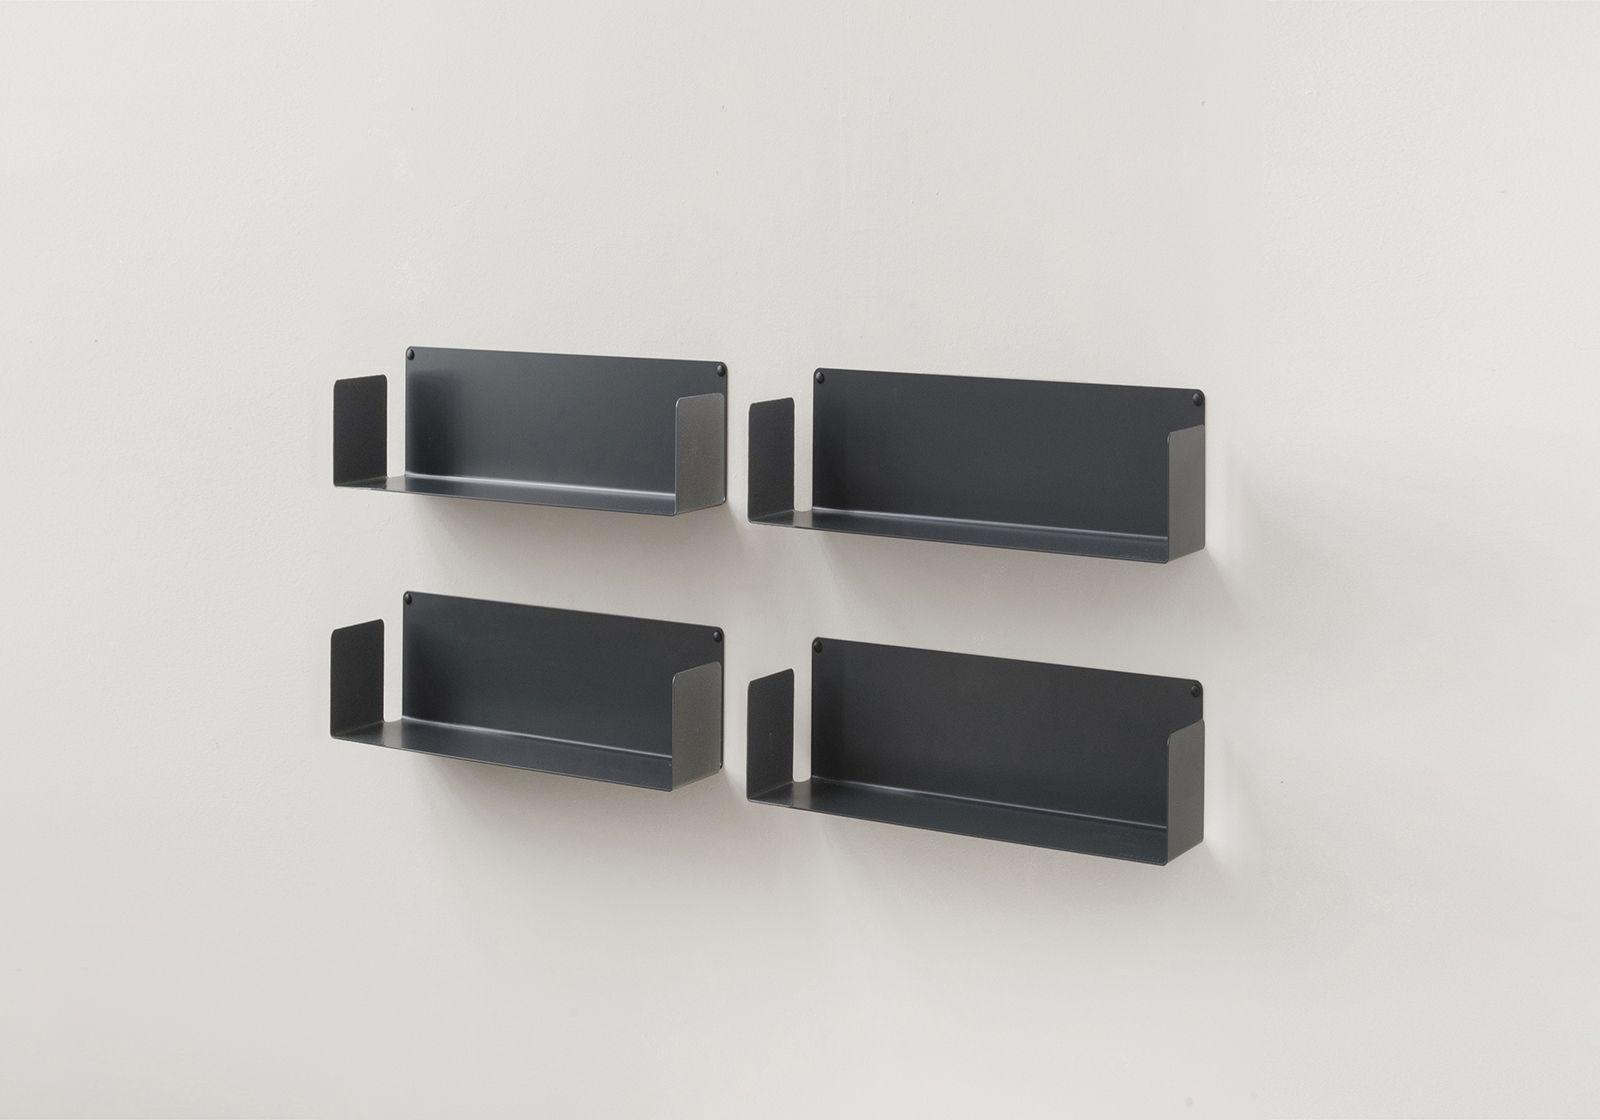 CD shelves - Set of 4 USCD